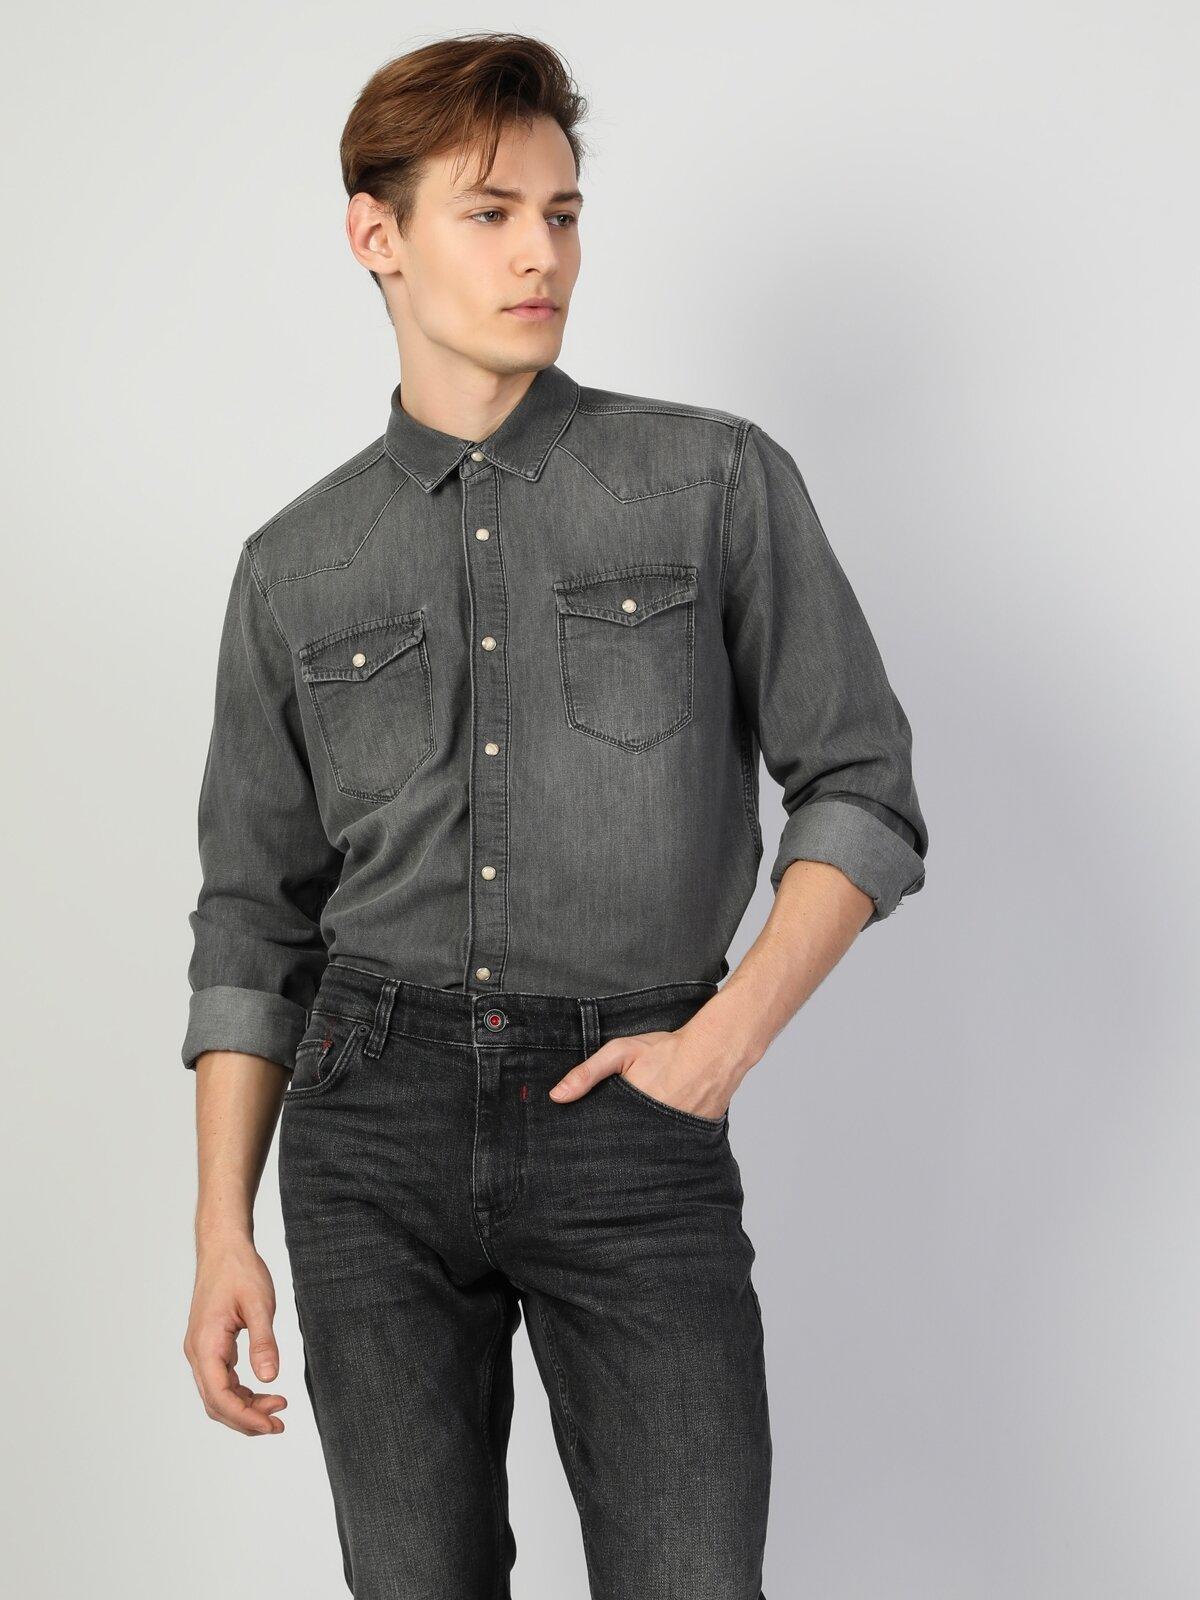 023 Josh   Slim Fit Gri Erkek Jean Gömlek U.Kol